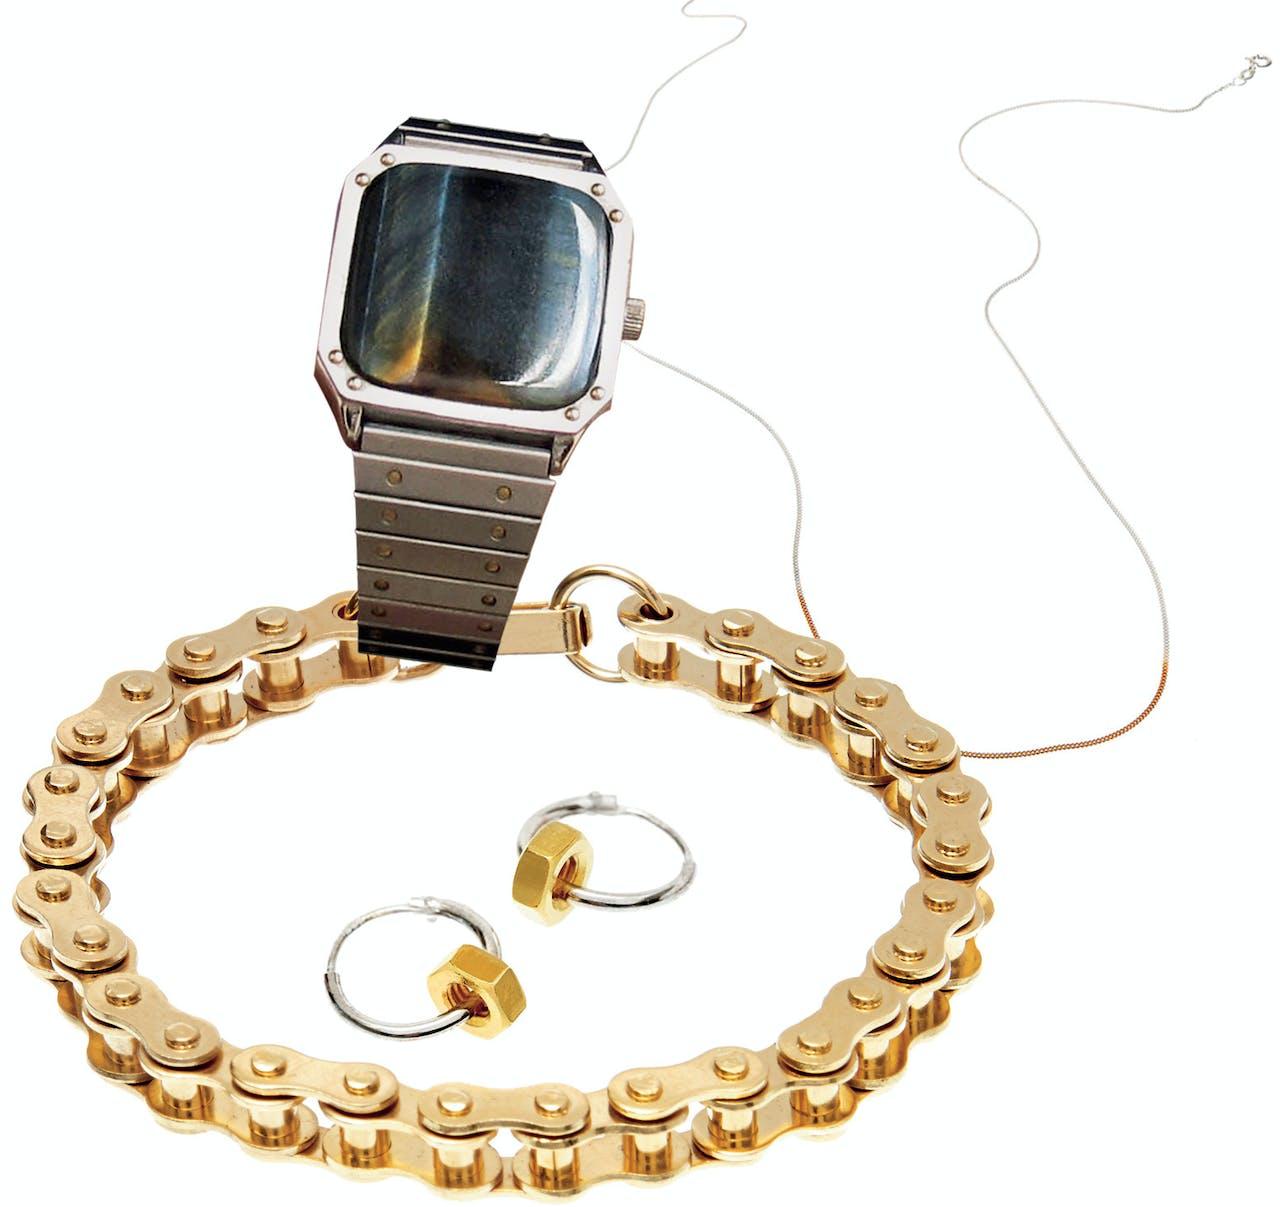 c86cc4b5c22 Vijf veelbelovende jonge juwelenontwerpers